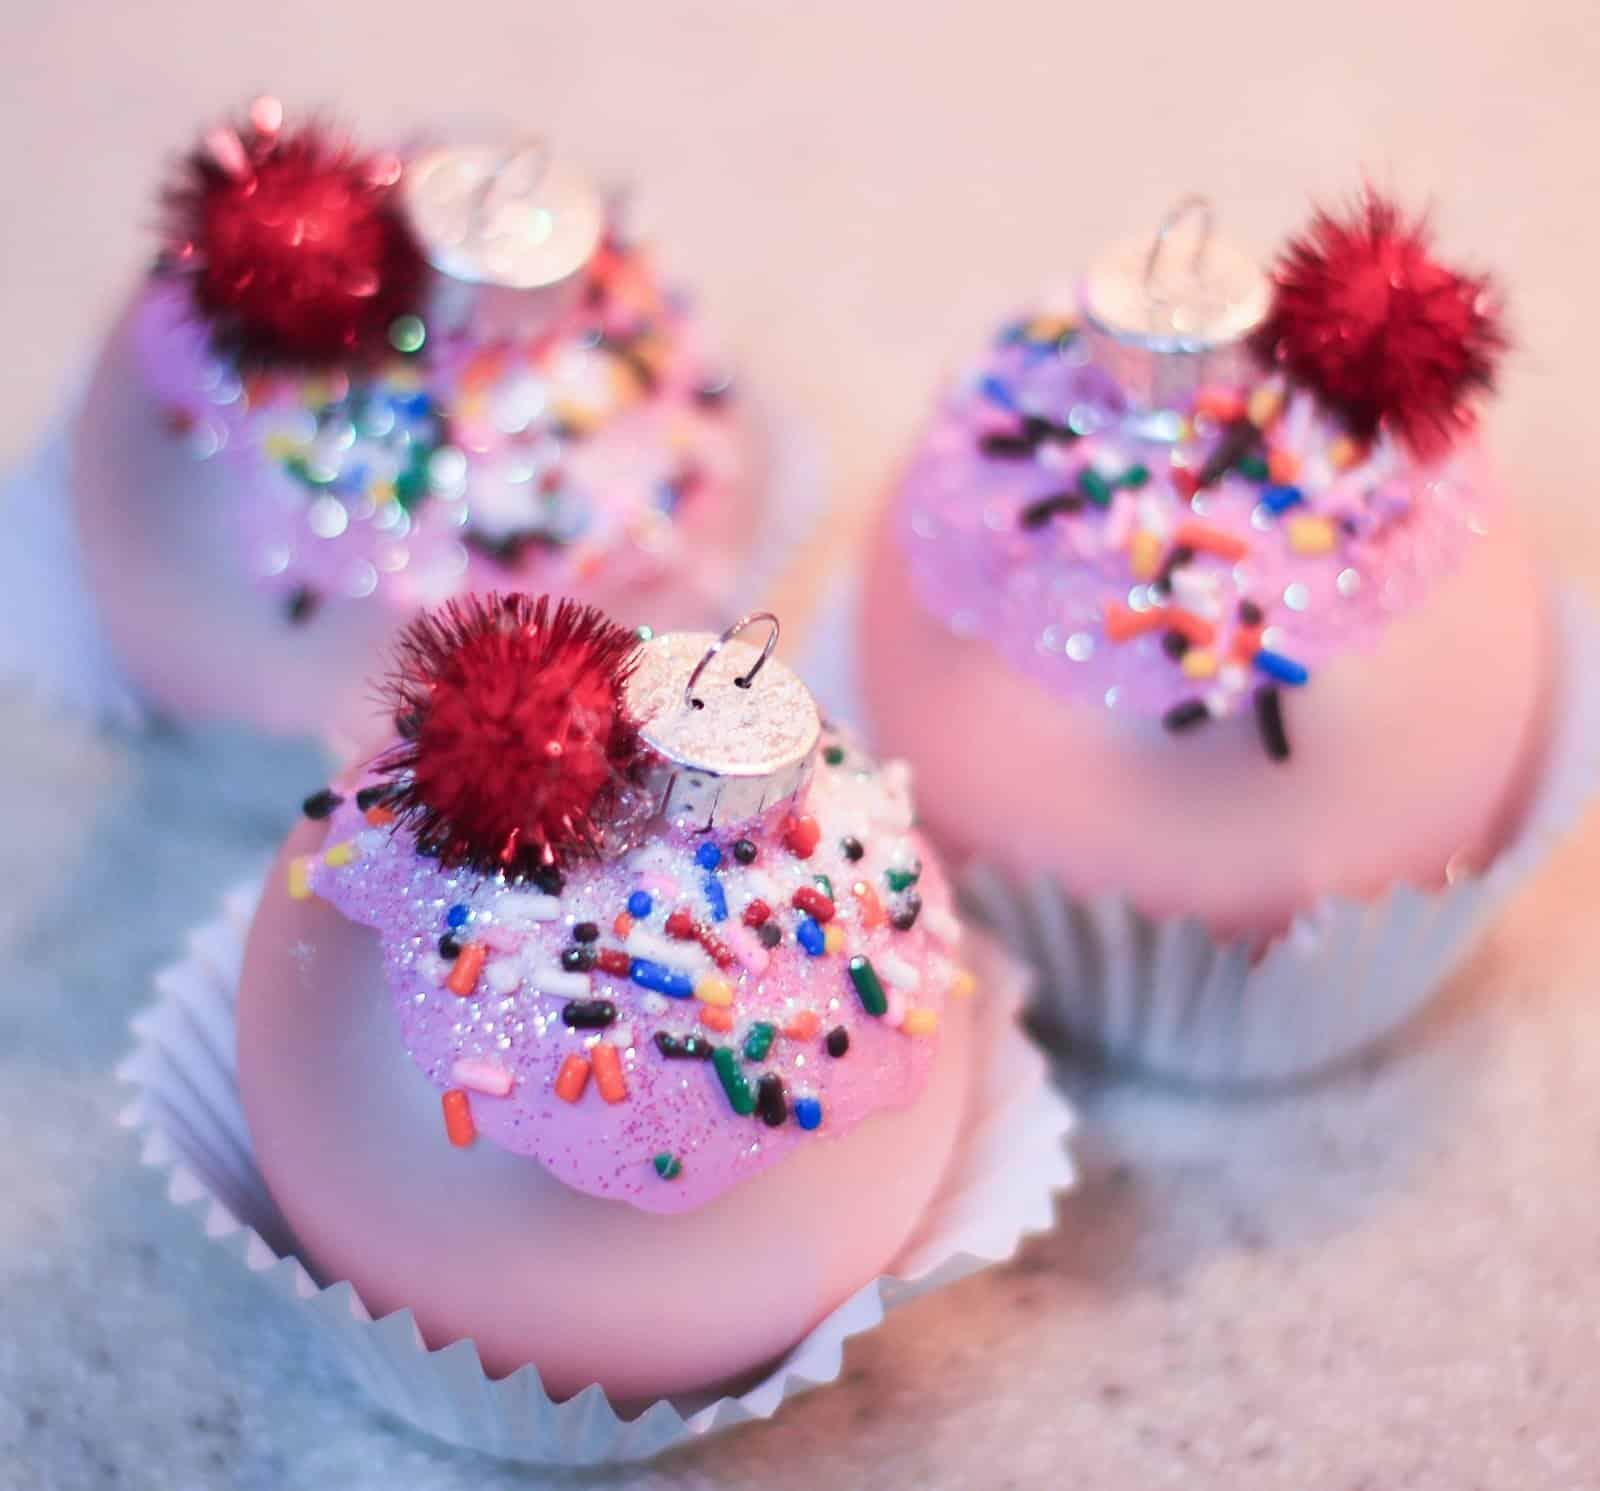 Pom pom and sprinkle Christmas ornament cupcakes